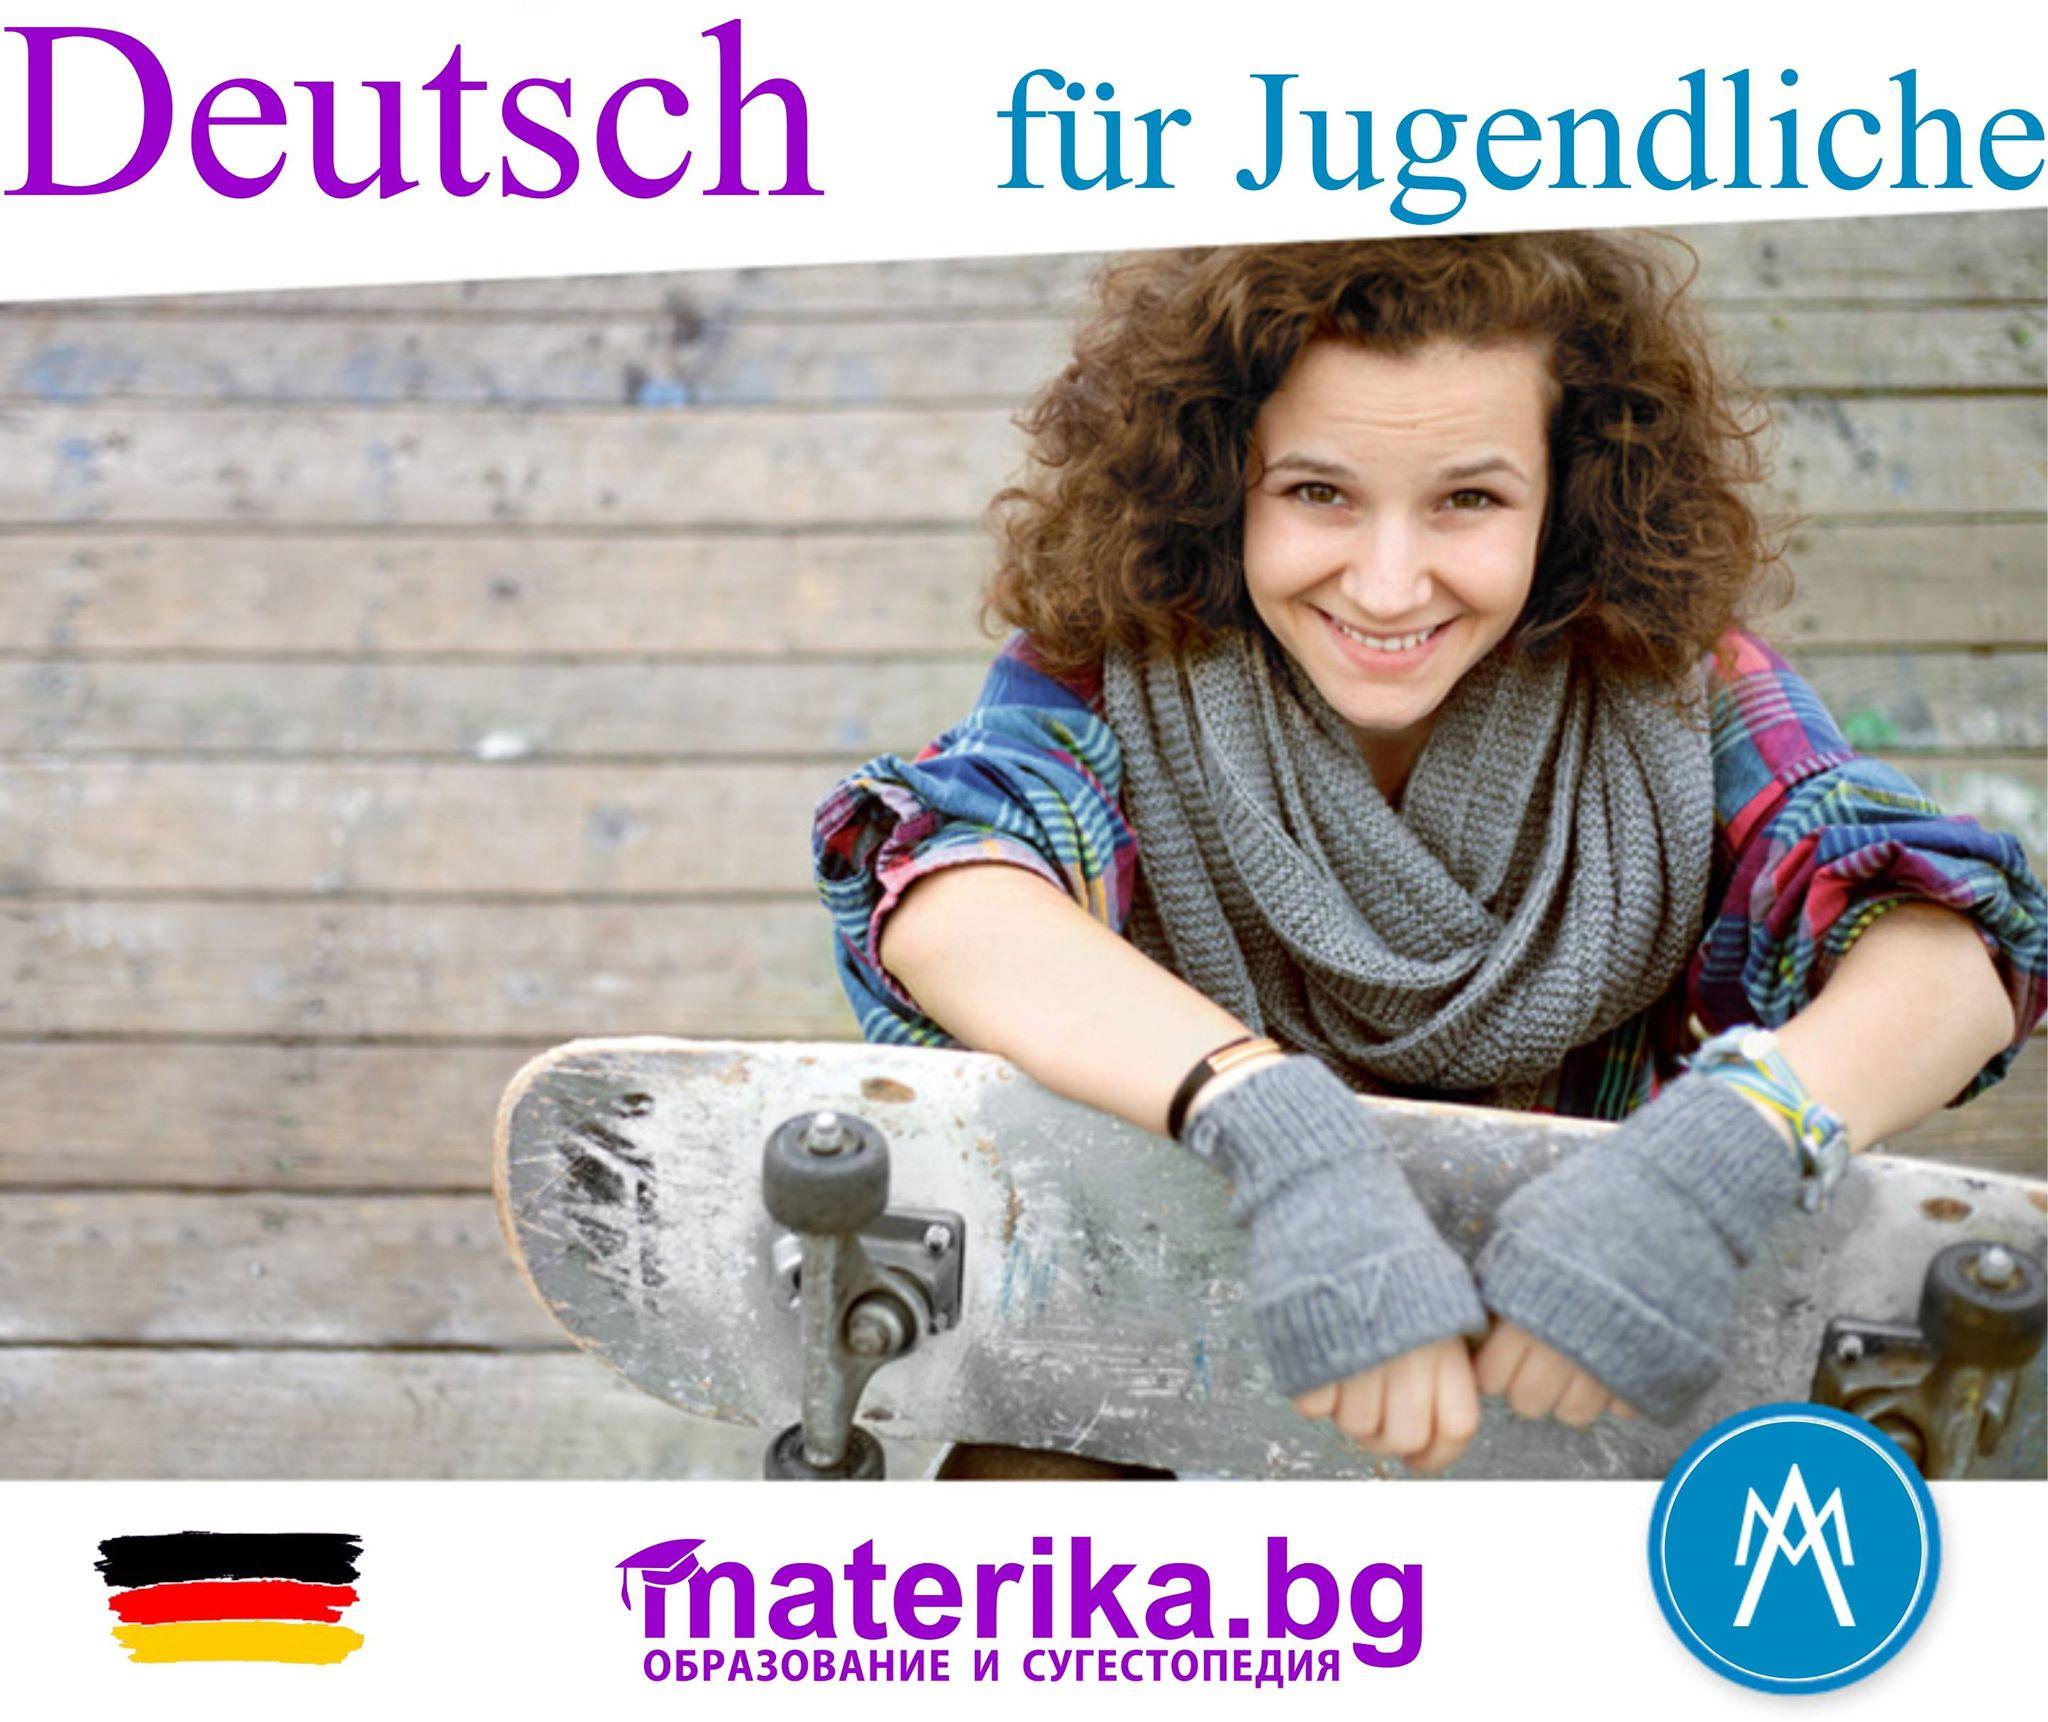 Немски език за тийнейджъри с метода сугестопедия